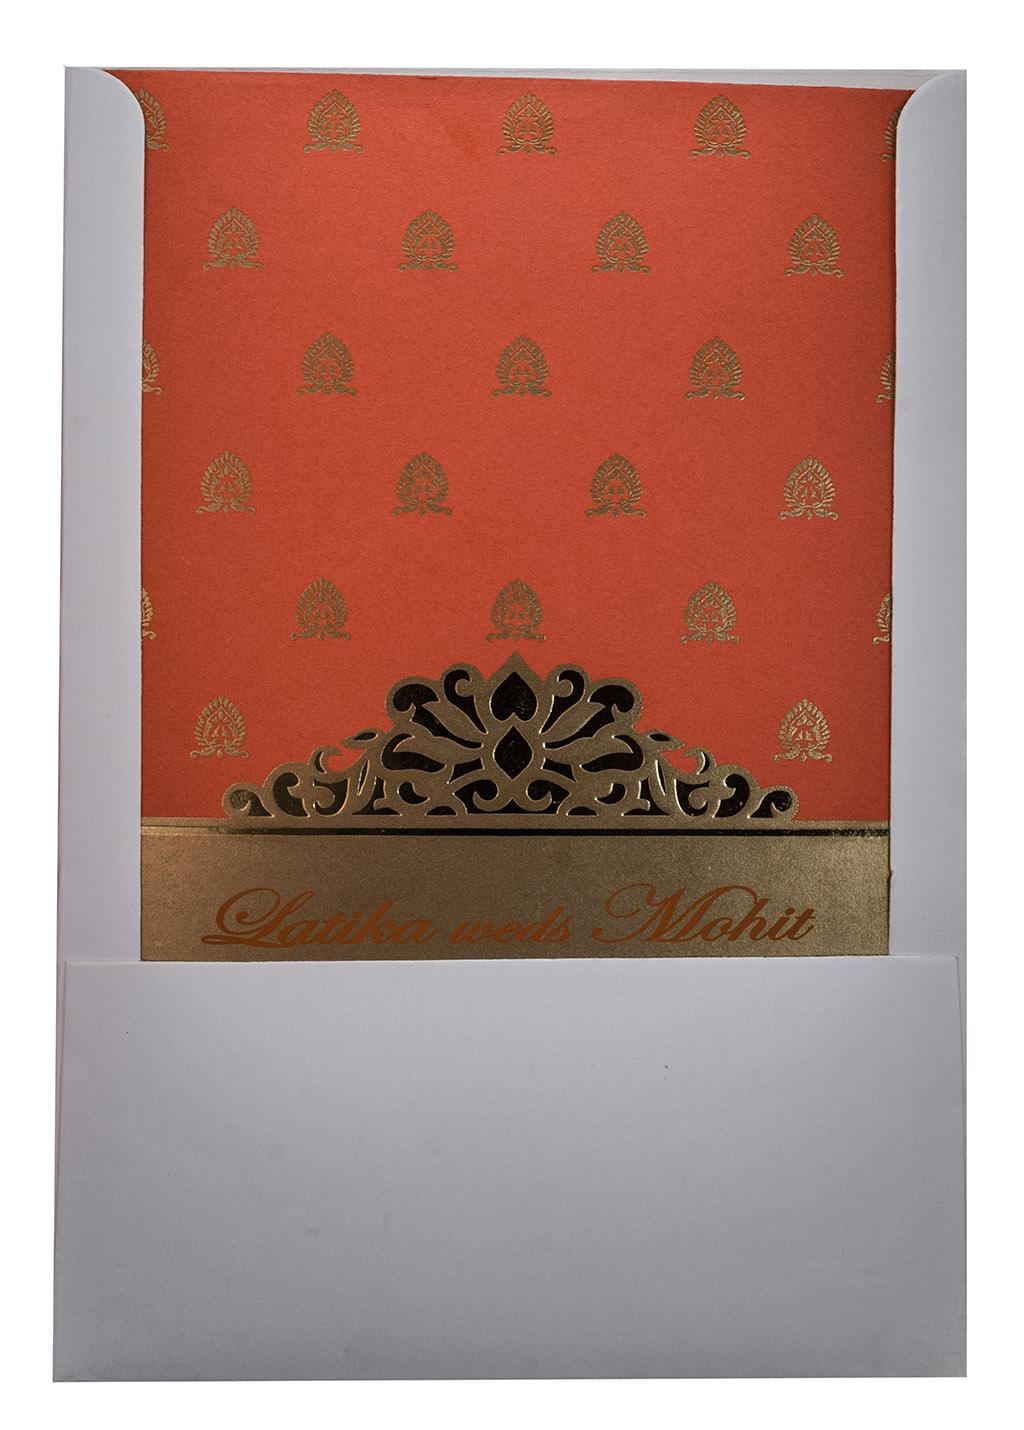 Indian Wedding Invitation in Orange with Golden motifs